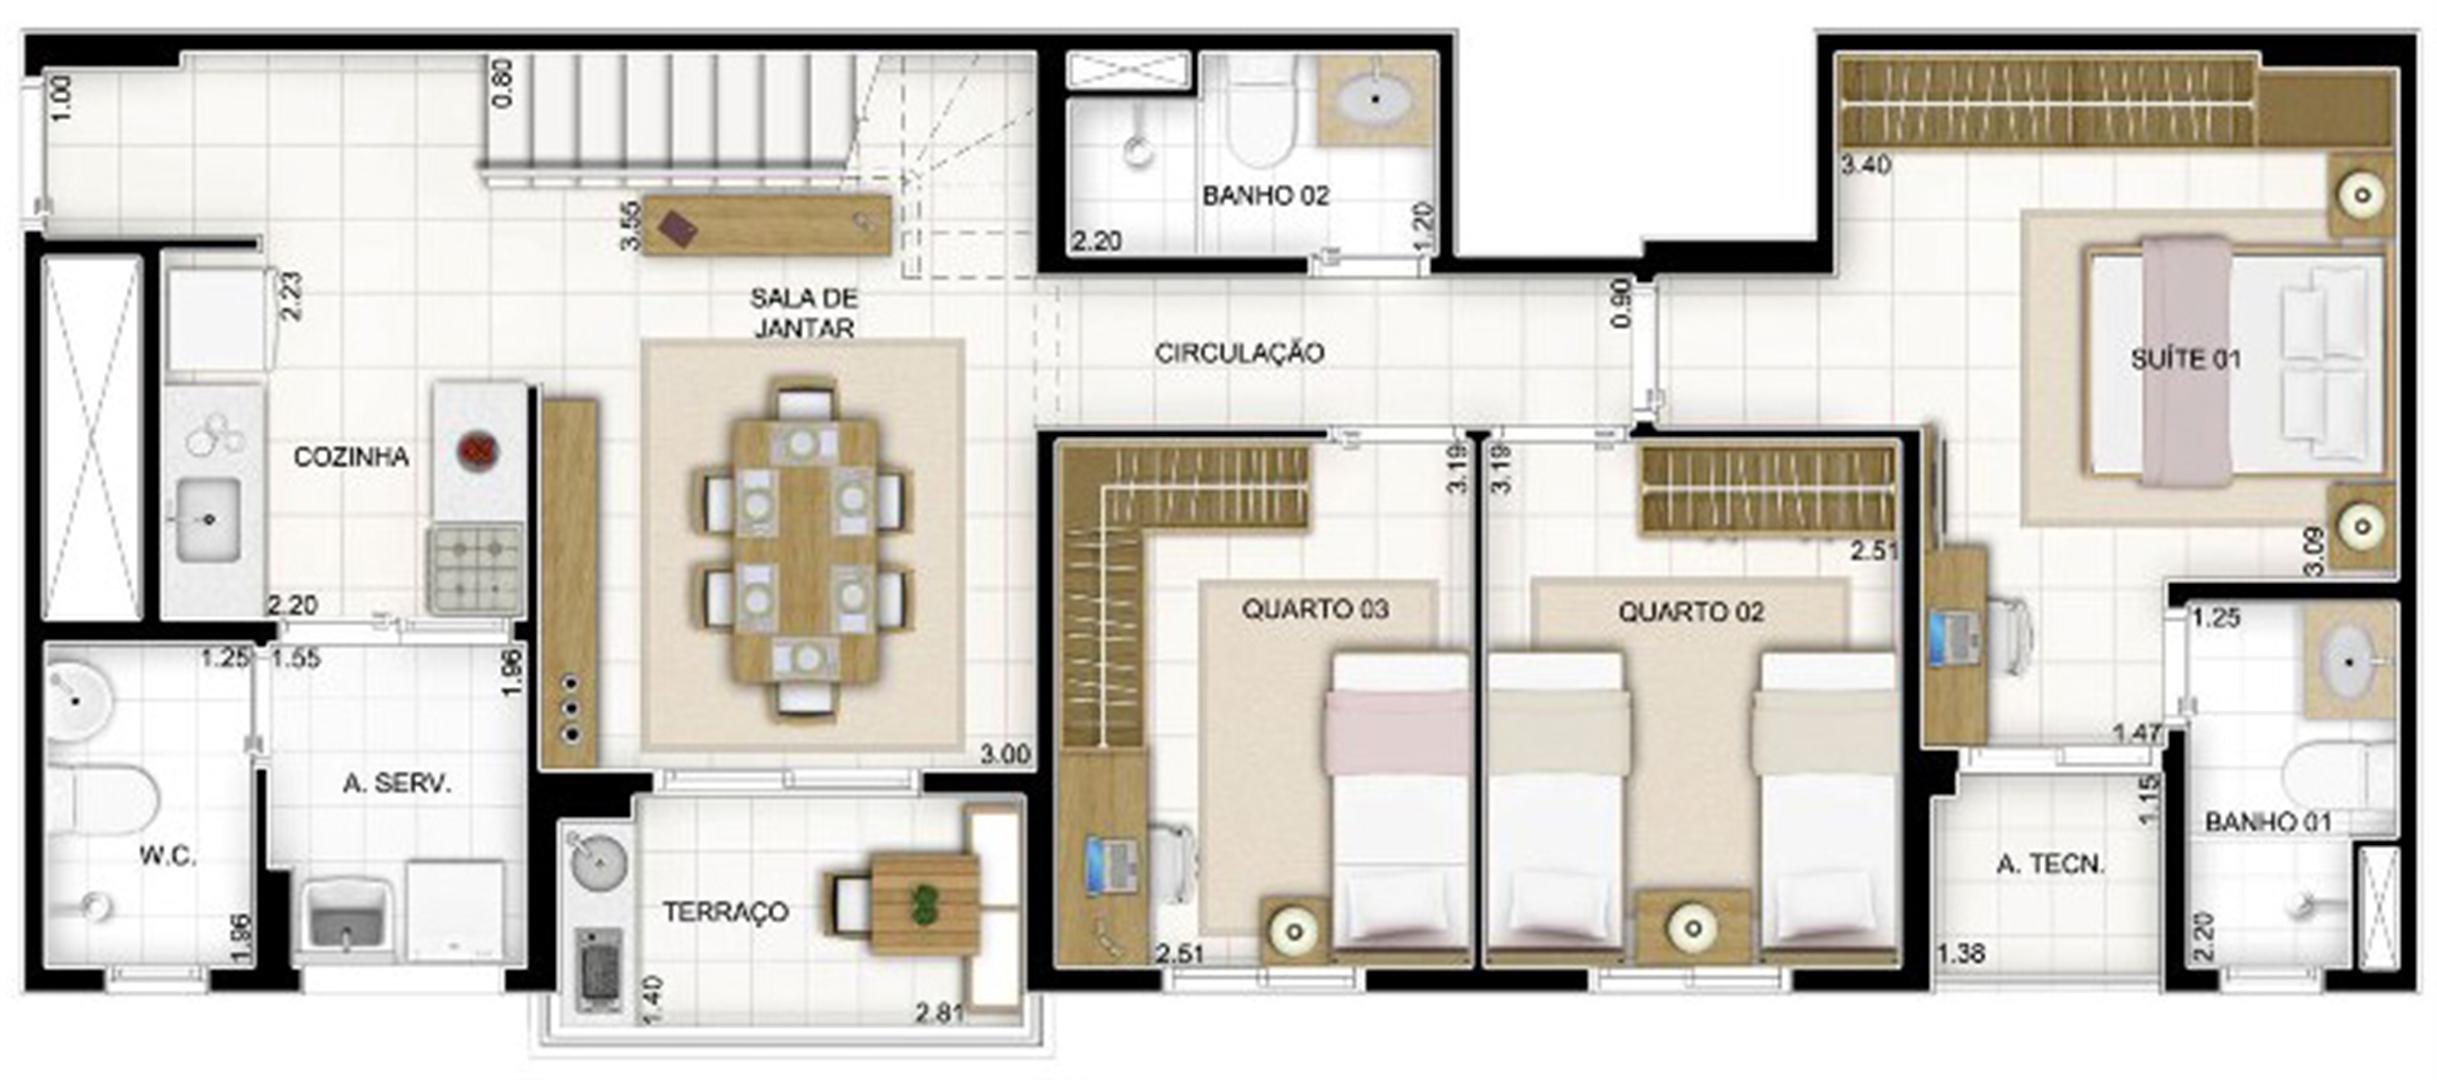 Duplex Andar Inferior 3 quartos 159 m²   Quartier Lagoa Nova – Apartamento na  Lagoa Nova - Natal - Rio Grande do Norte